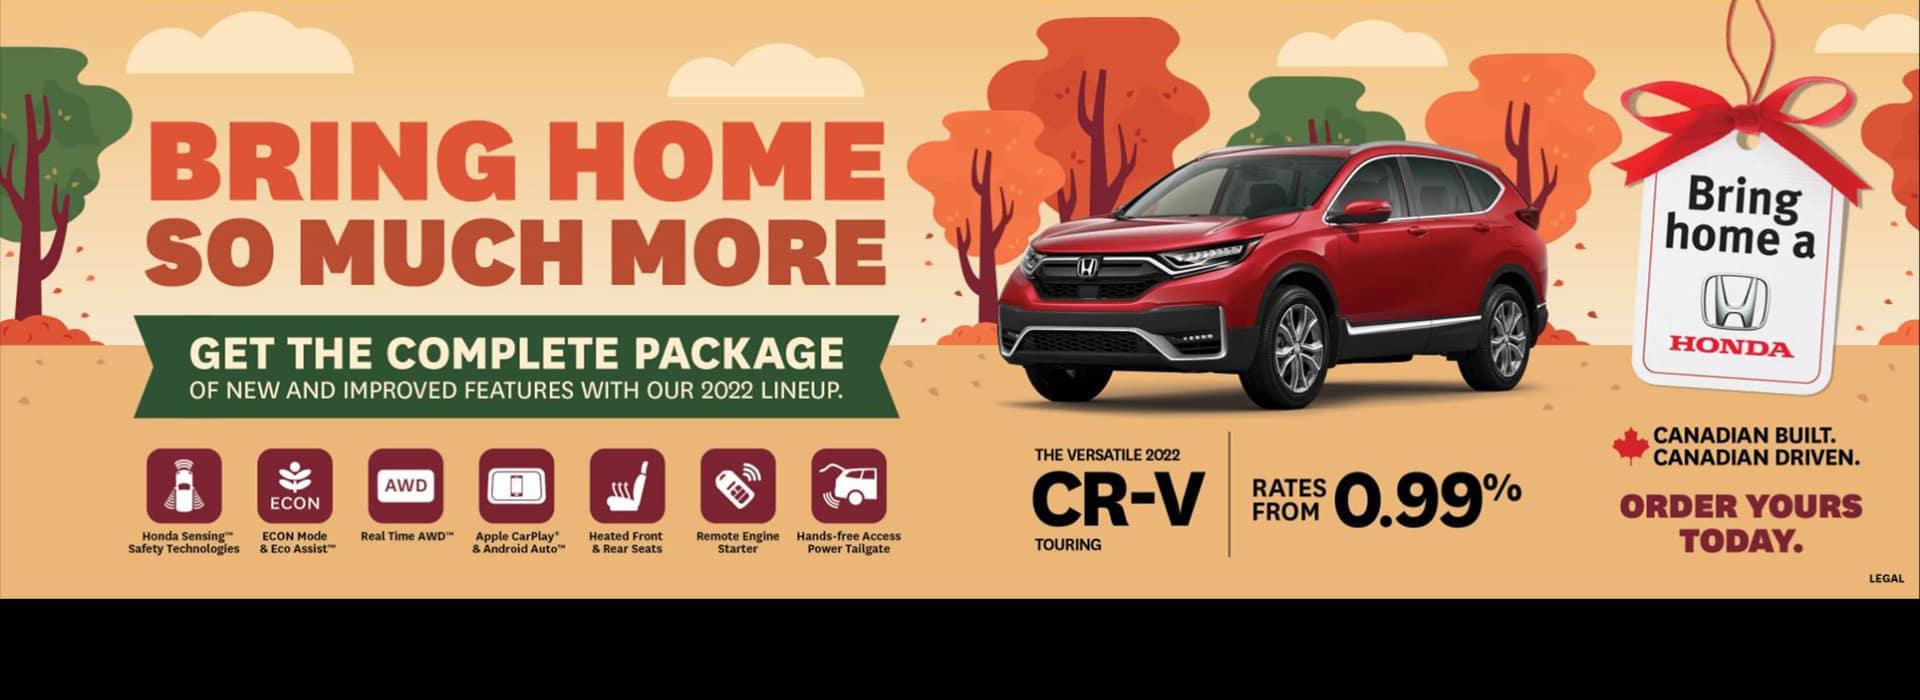 Bring_Home_A_Honda_CRV_Desktop_Oct_1